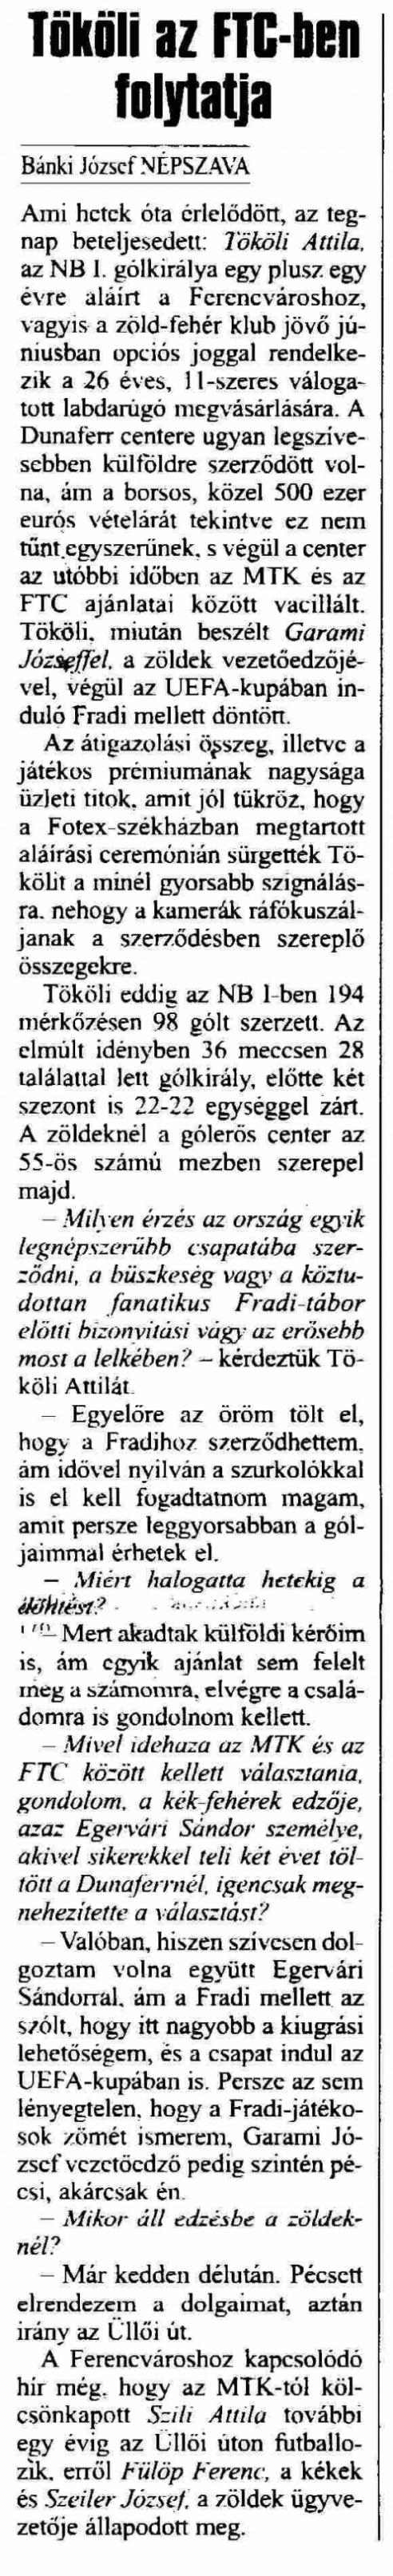 20020702-tokoli